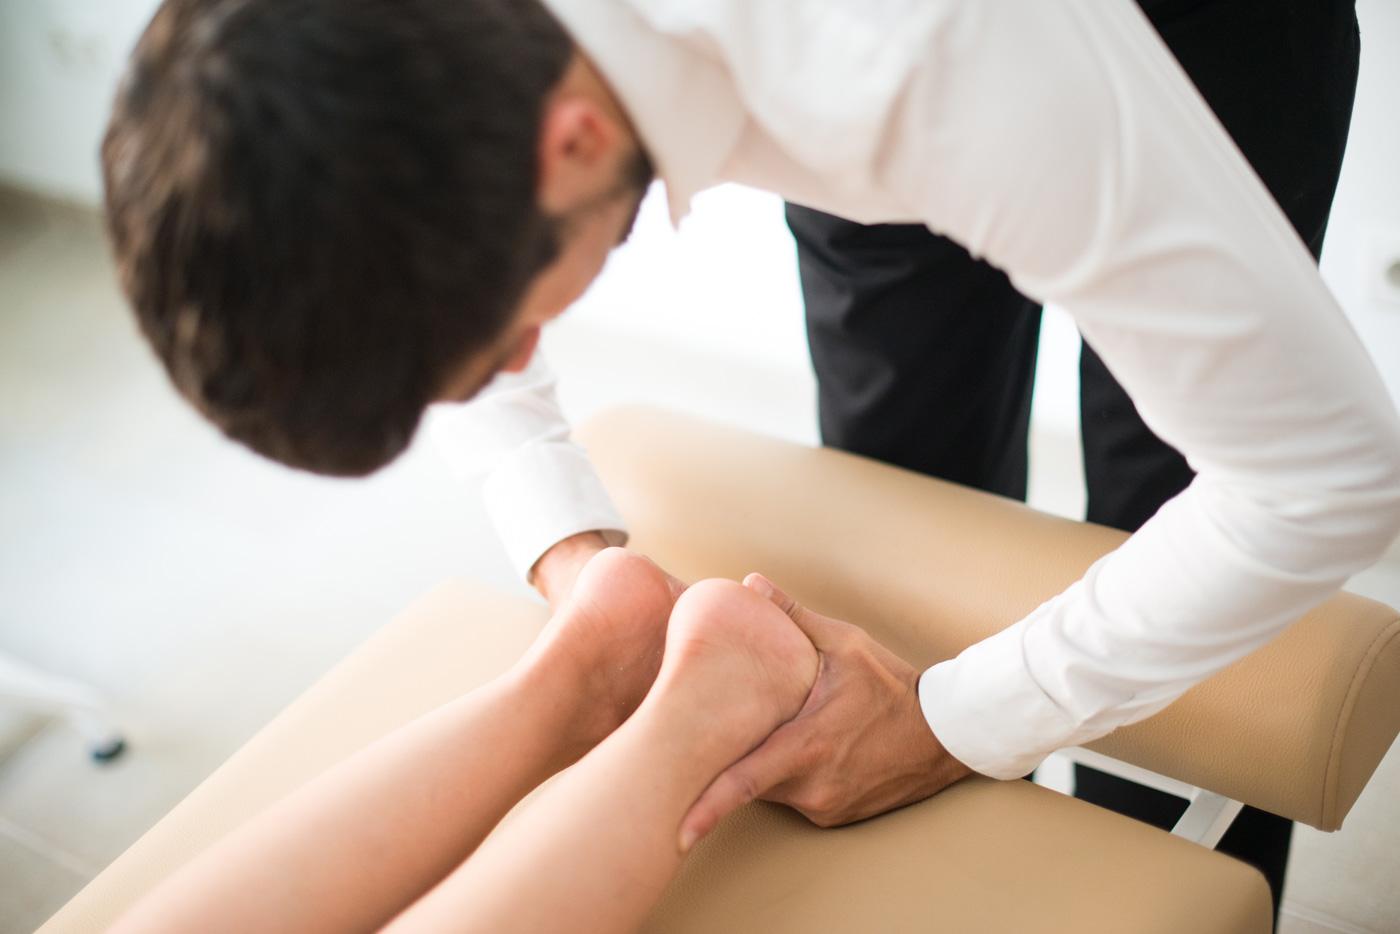 Que es la diferencia entre osteópata y quiropráctico